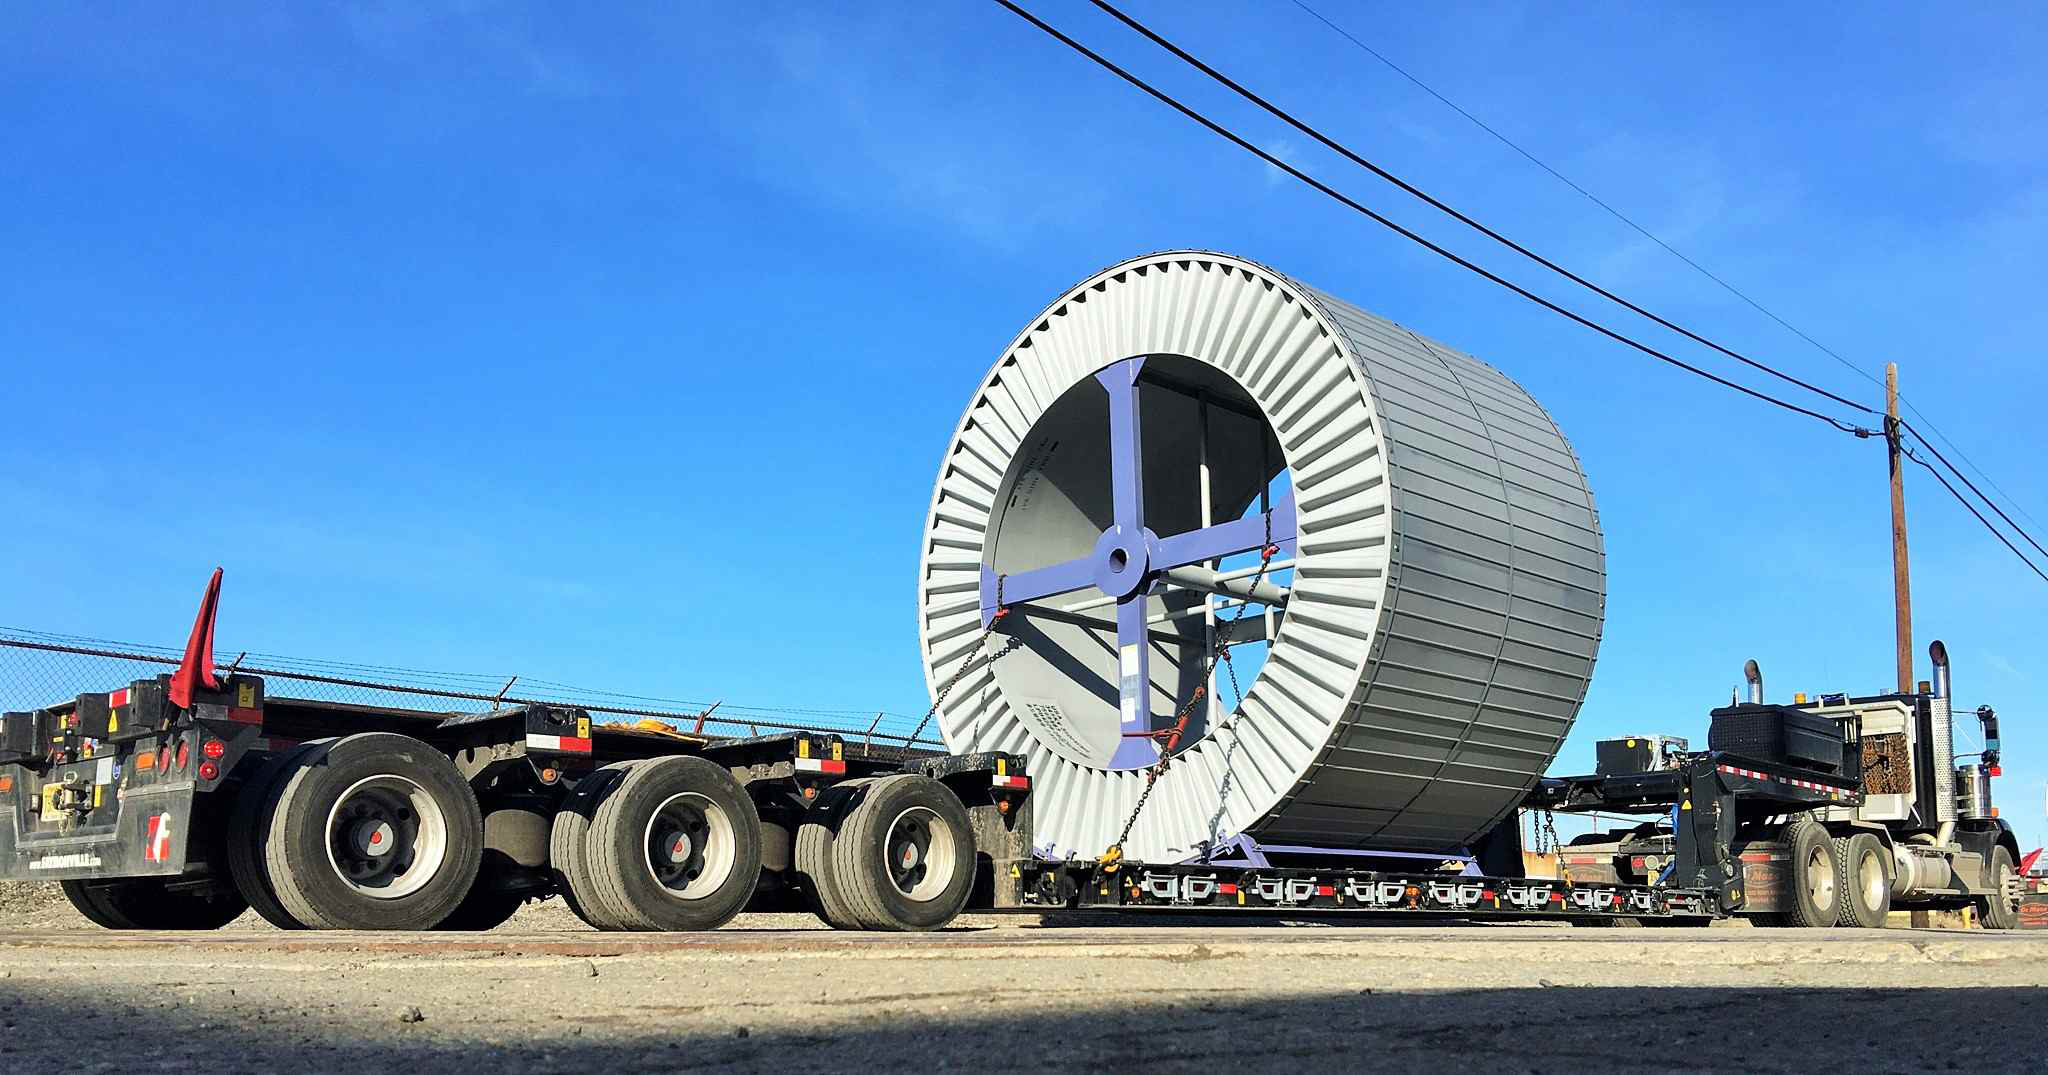 Belgian heavy-haul trailer mfg. headed to ConExpo